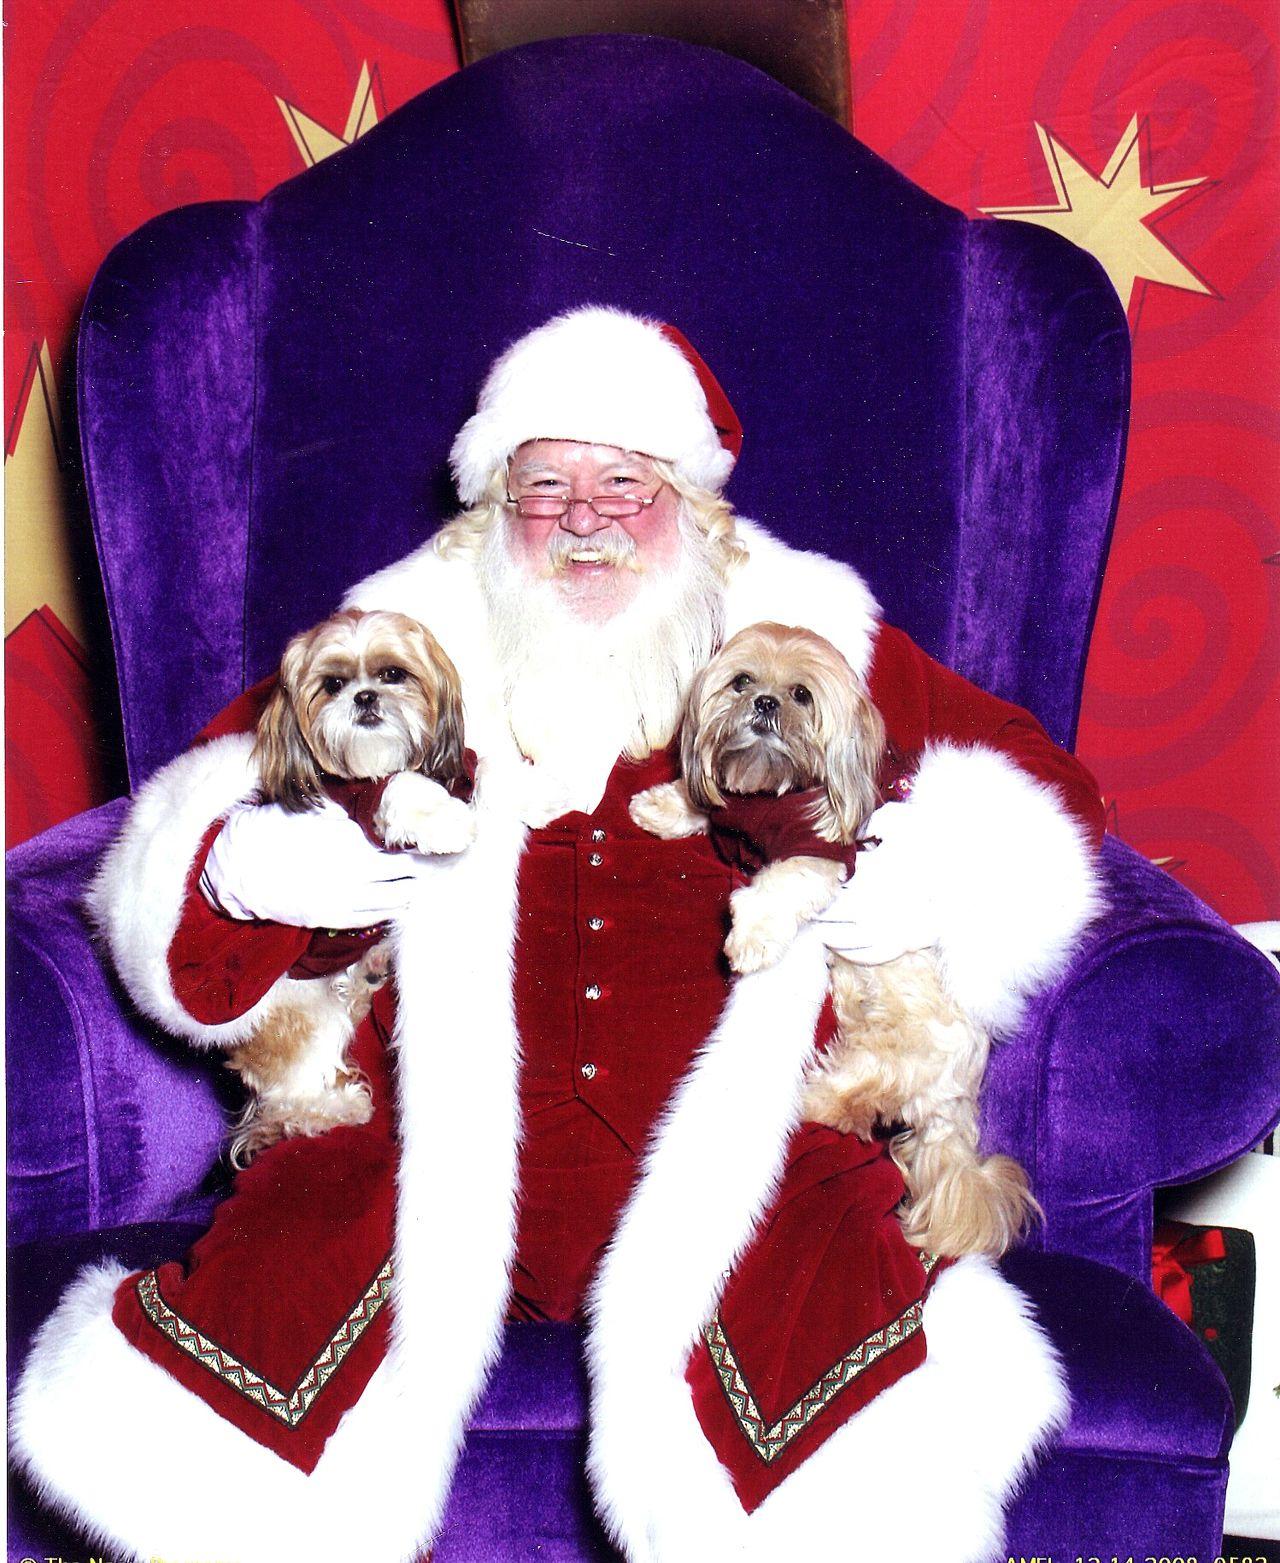 Christmas Santa Claus Puppies! Cute Pets Adorable Dog Jolly Santa Happiness ♡